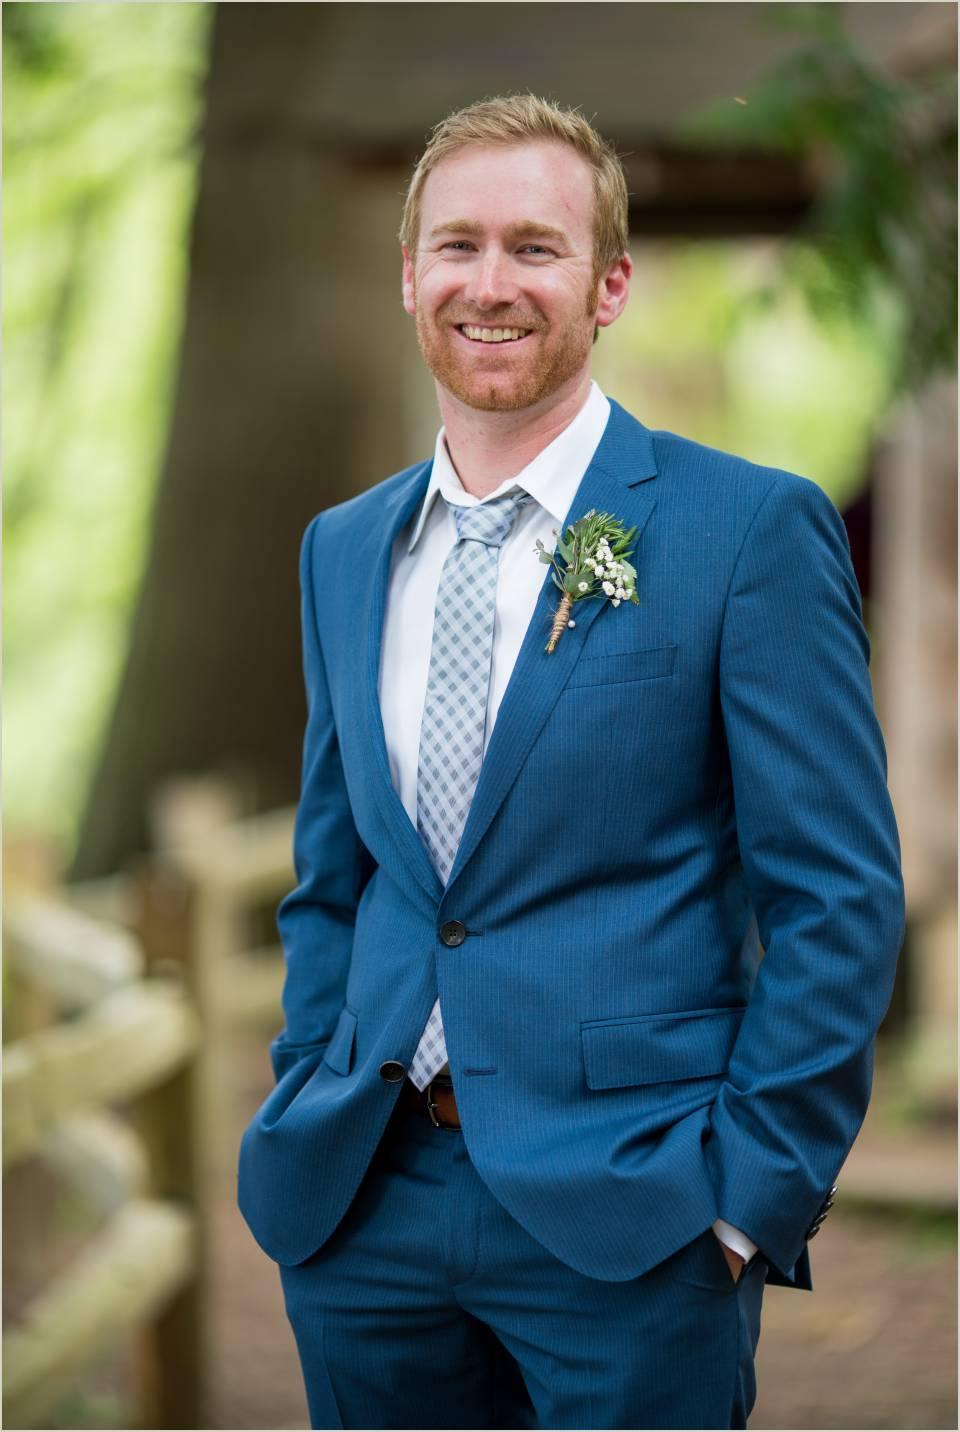 groom in navy suit for outdoor wedding